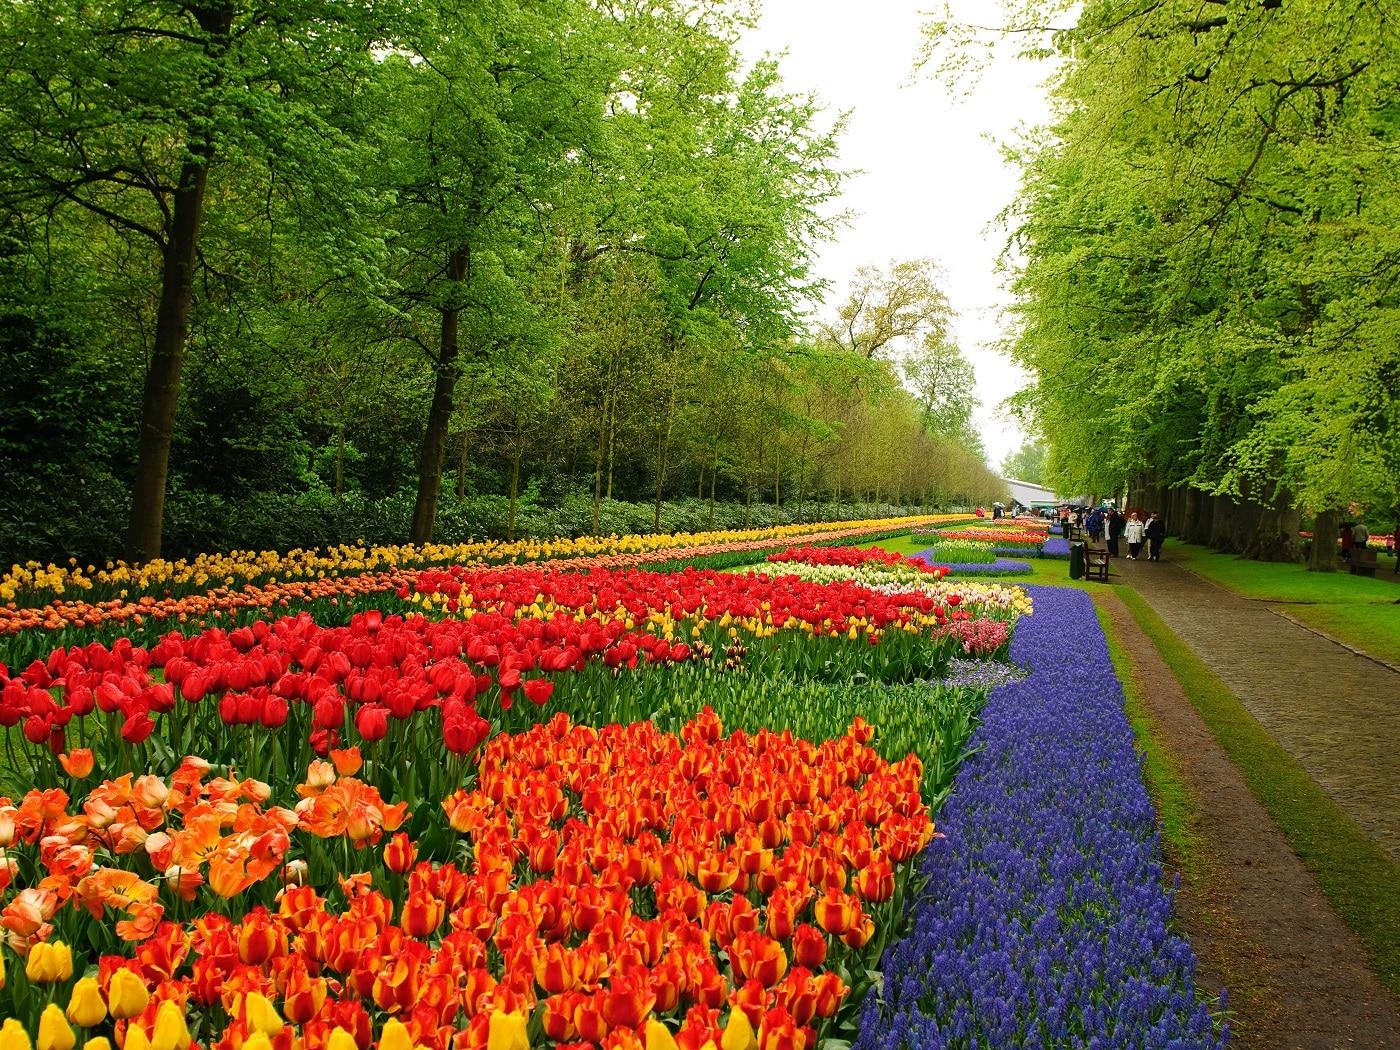 Turiștii adoră să se plimbe pe aleile cu flori